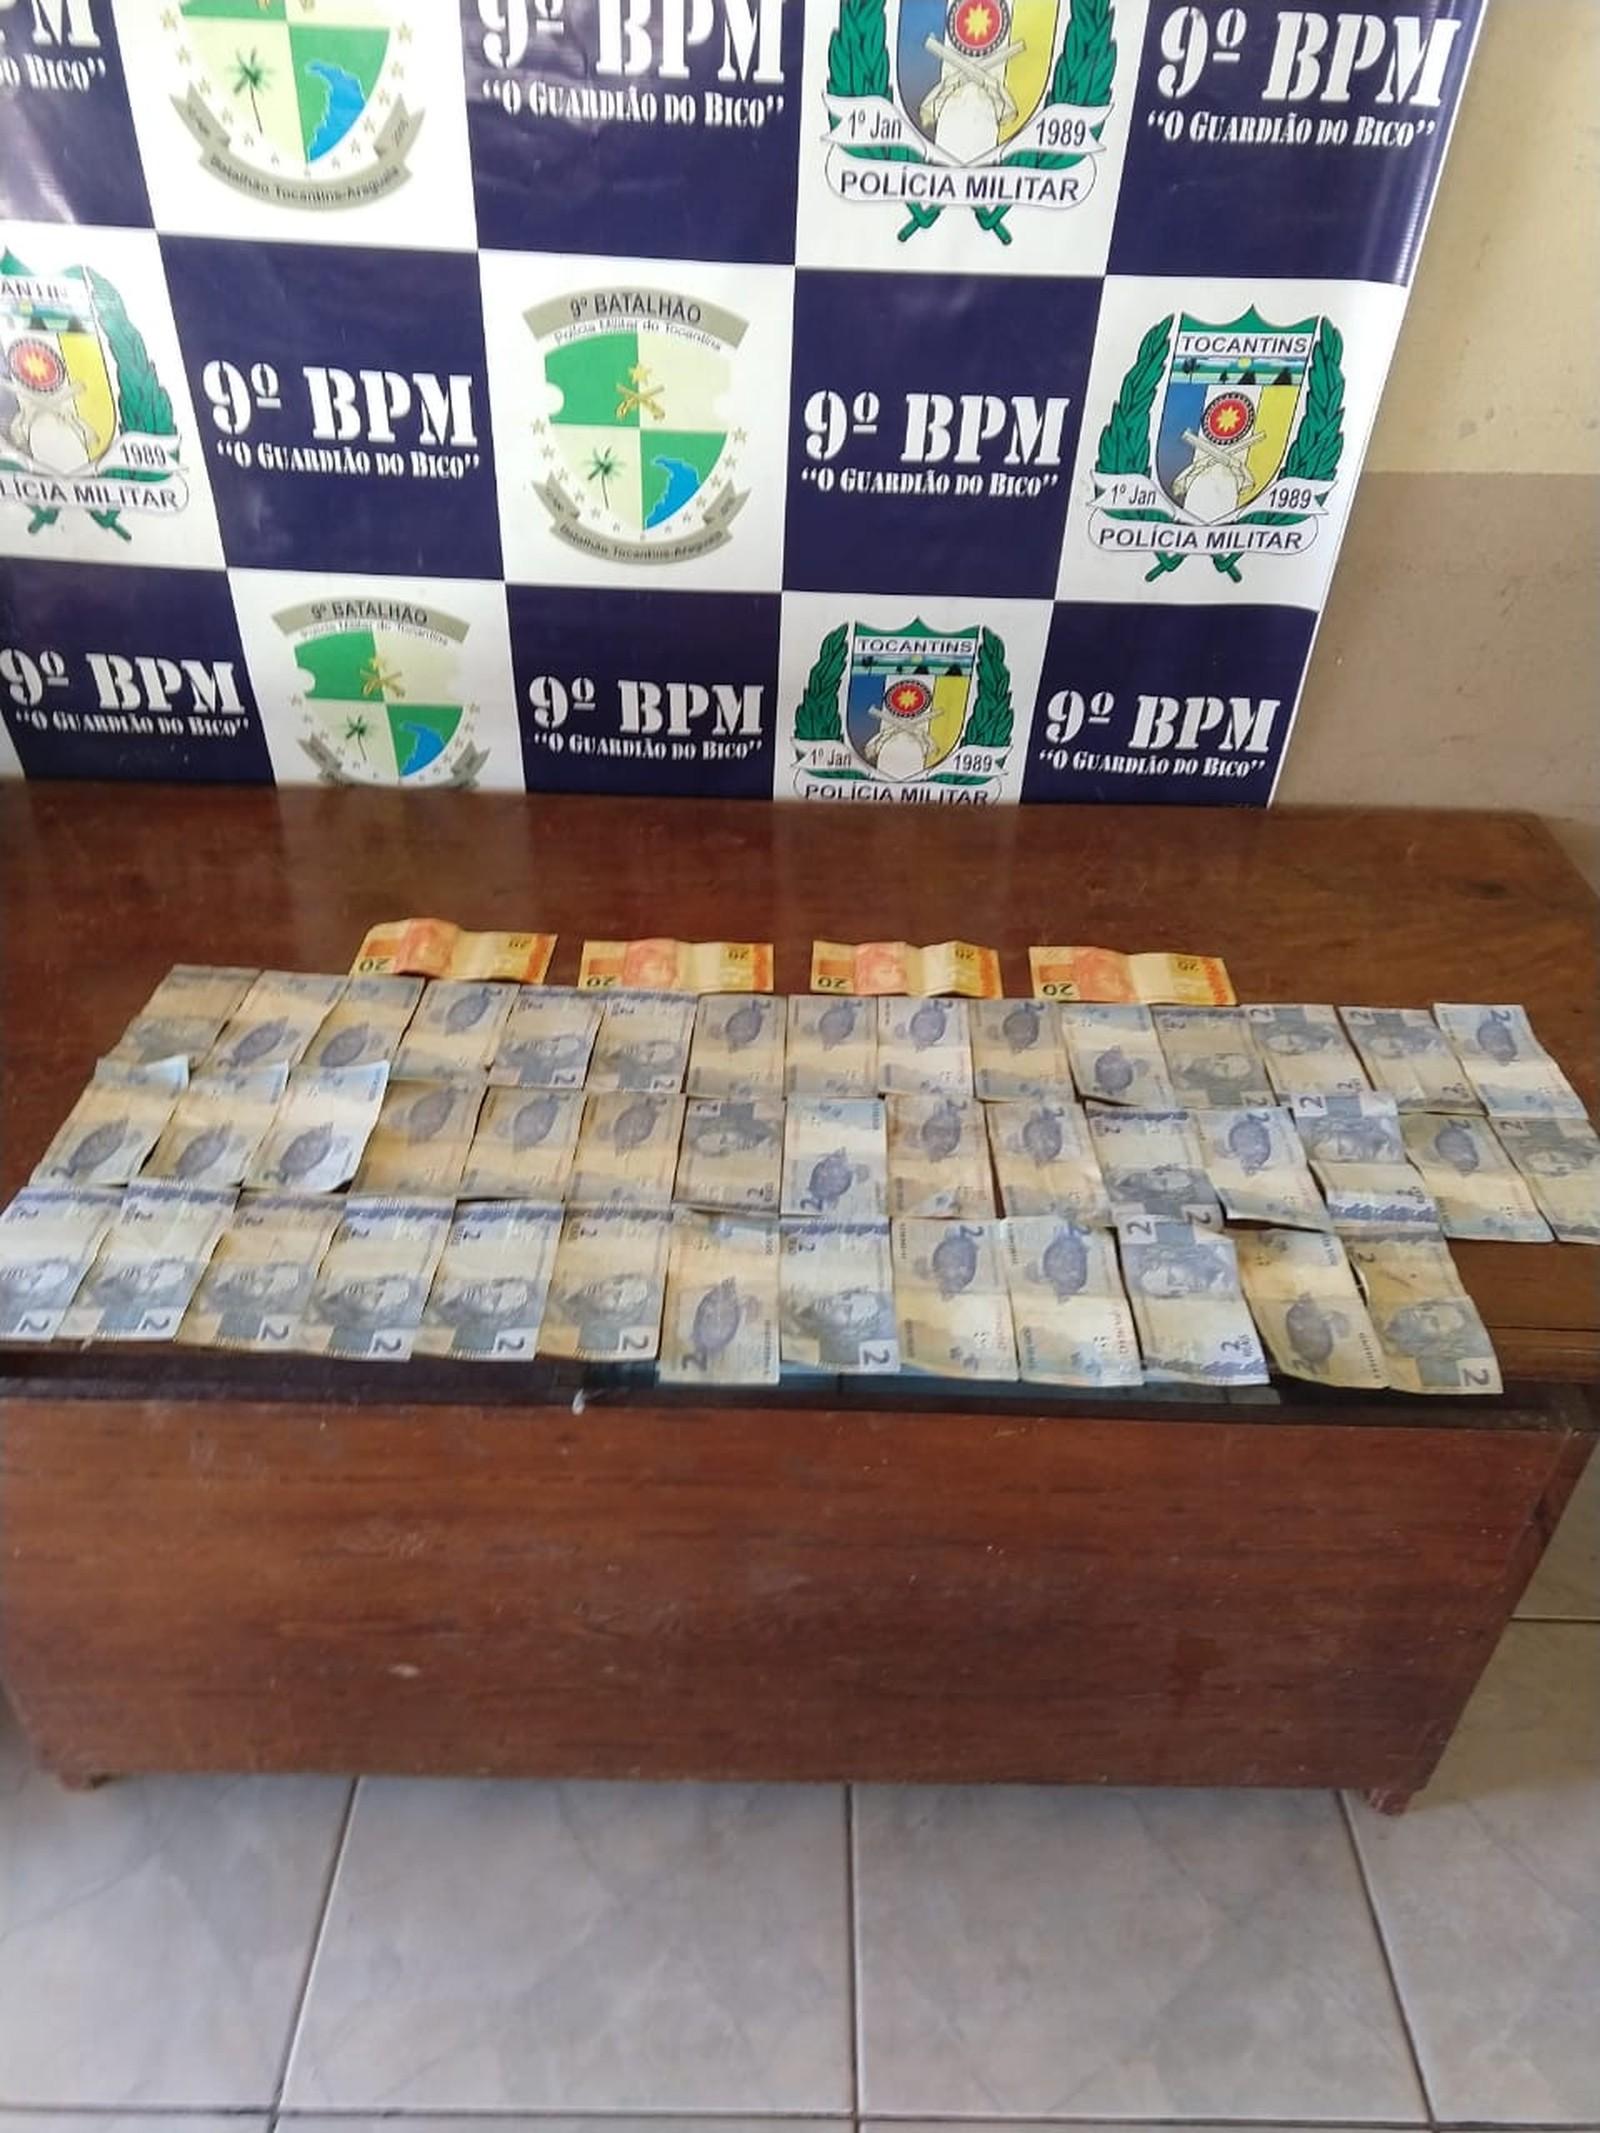 Homem é preso após se passar por fiel e furtar ofertas em igreja católica de Augustinópolis (TO), diz PM